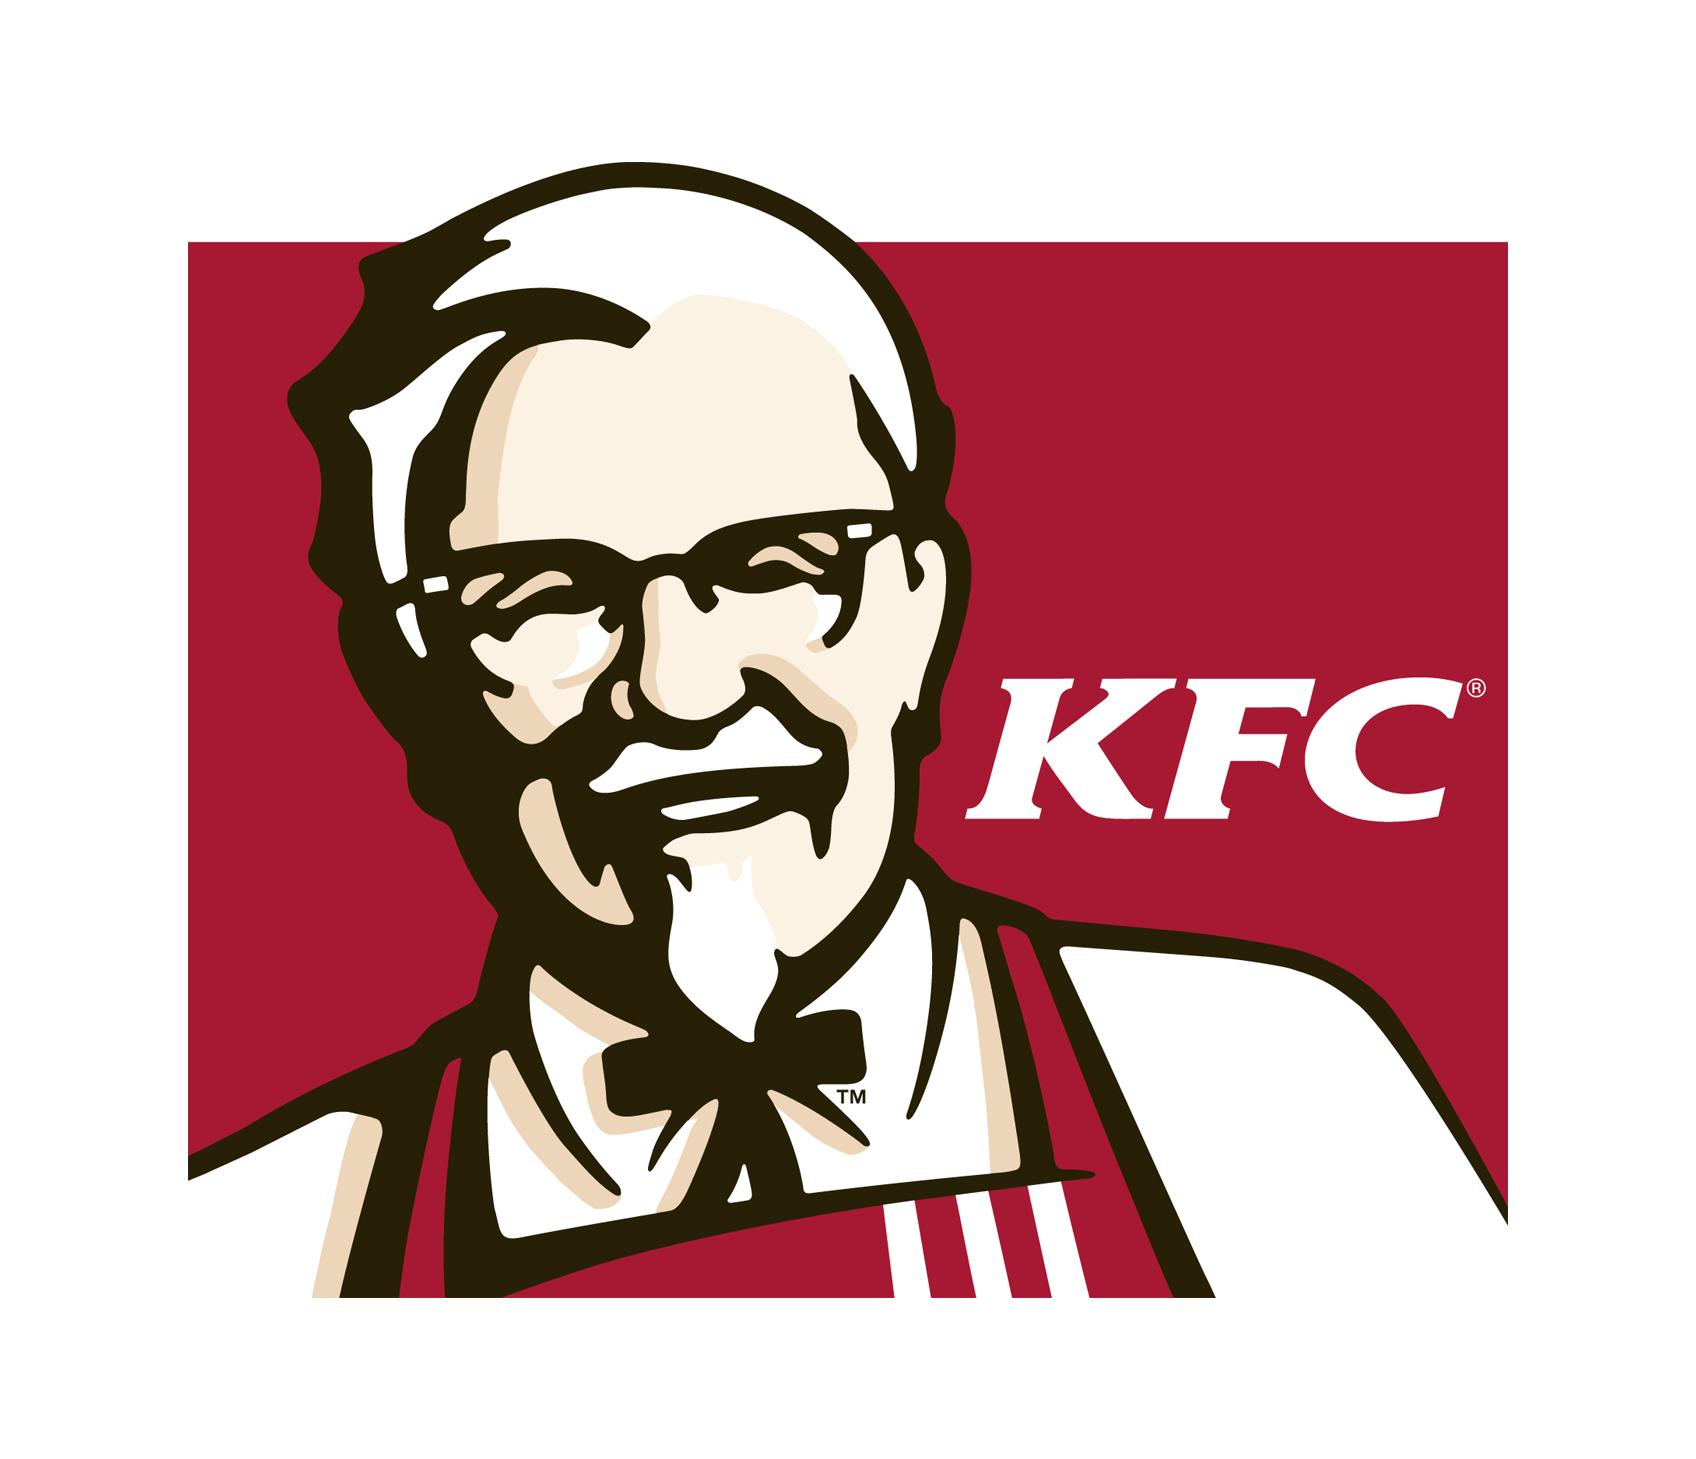 KFC Gutscheine jede Woche 5 neue Gutscheine / bis zu 51 %